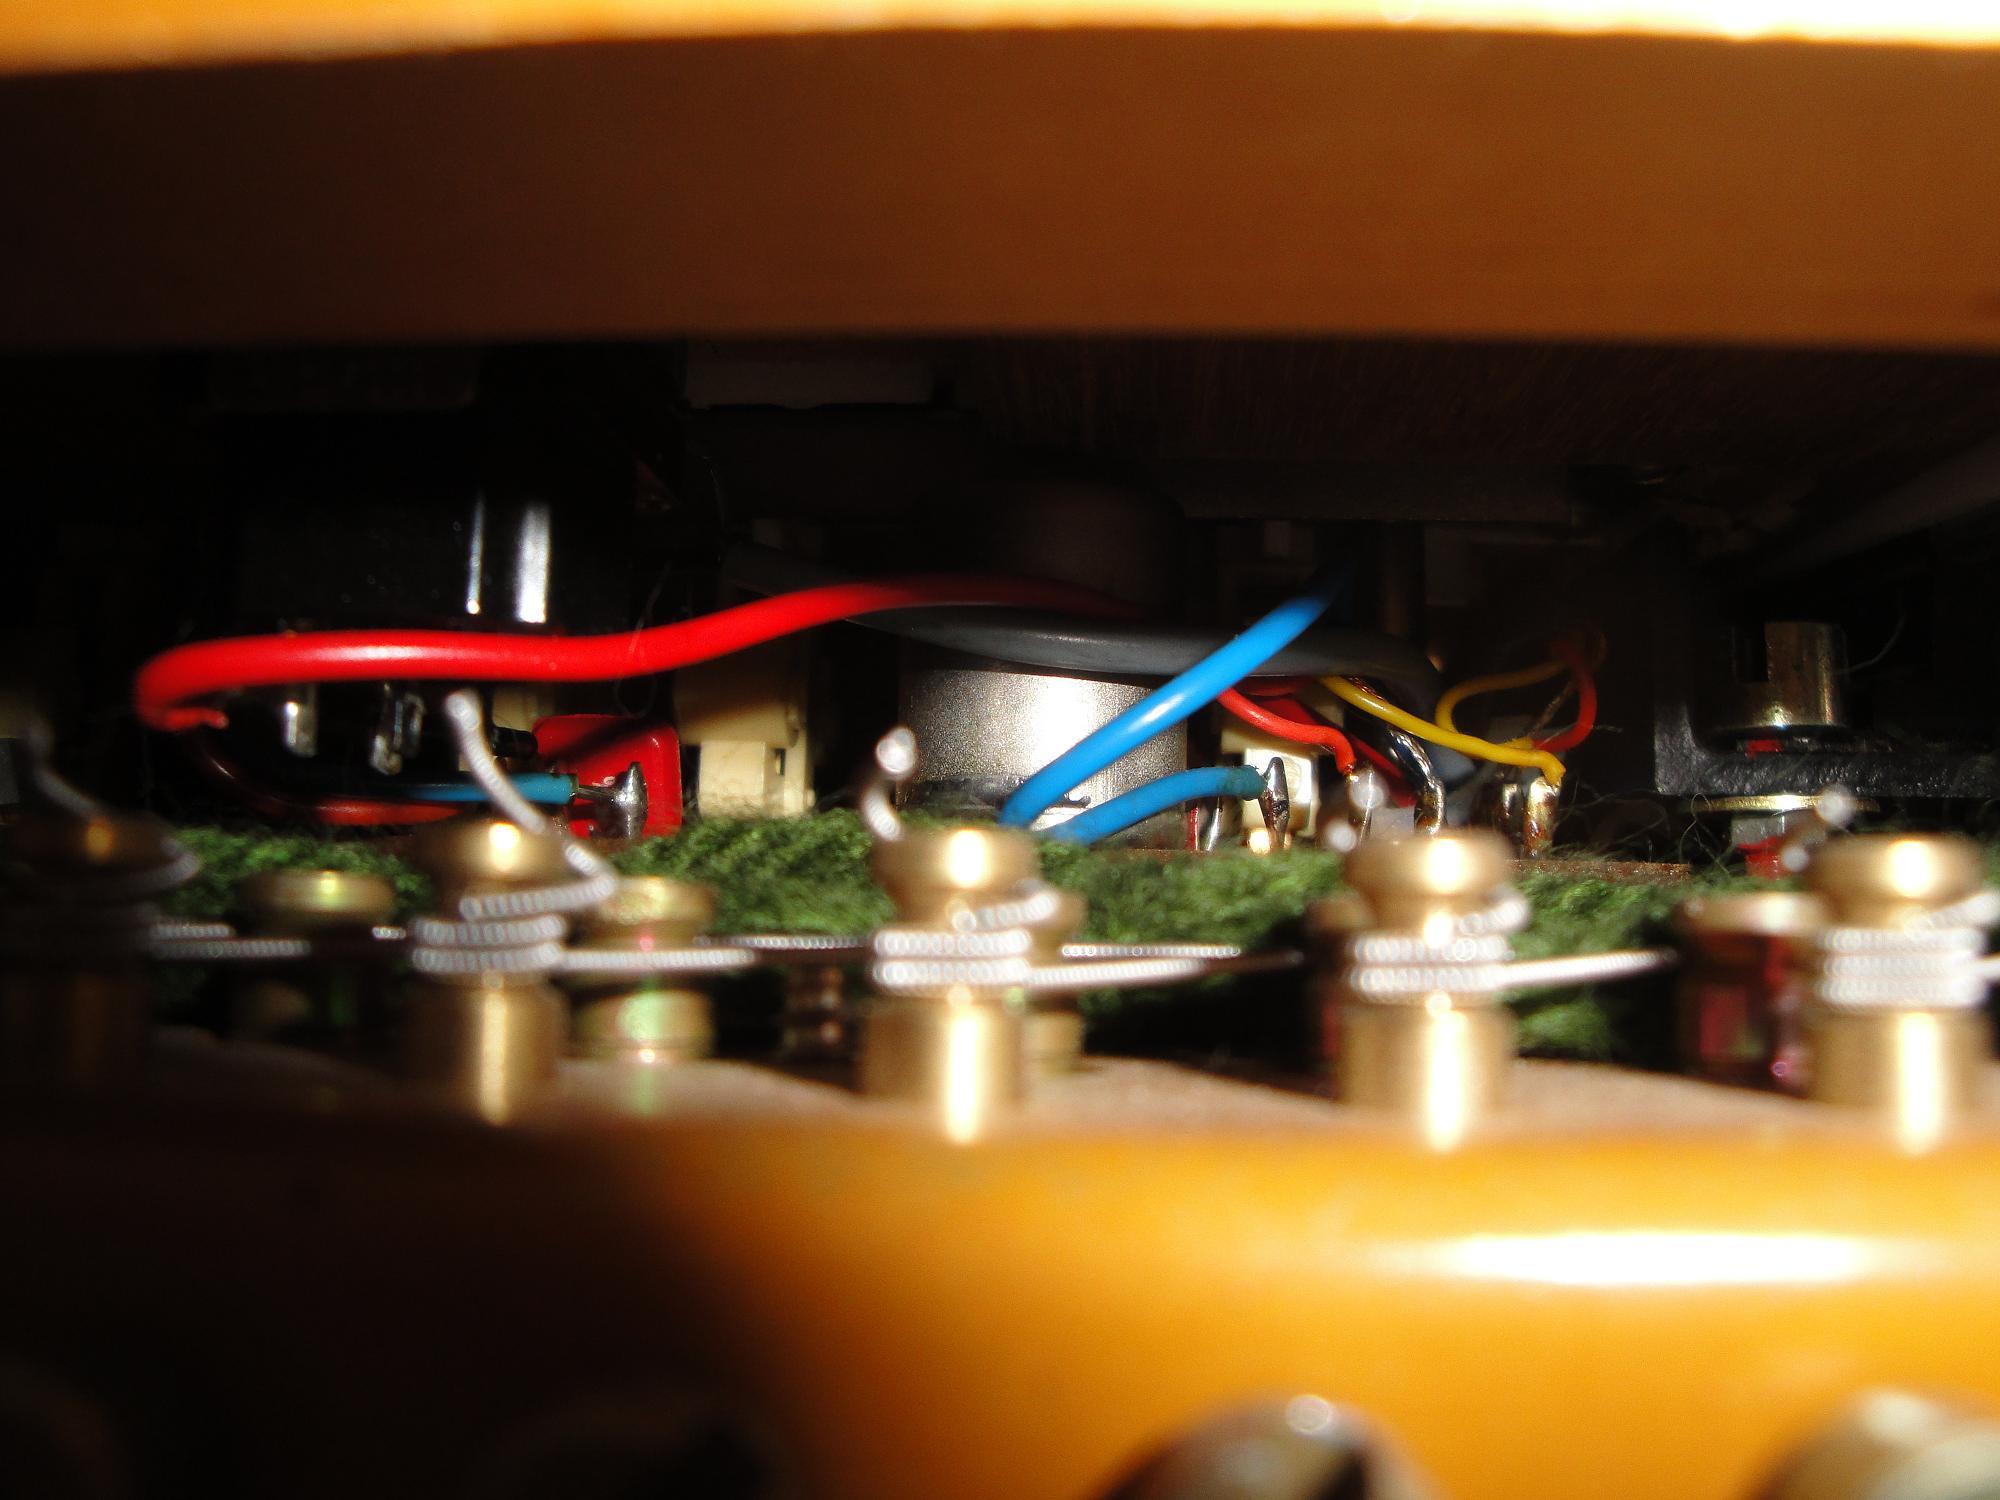 hohner clavinet d6 image 383515 audiofanzine. Black Bedroom Furniture Sets. Home Design Ideas